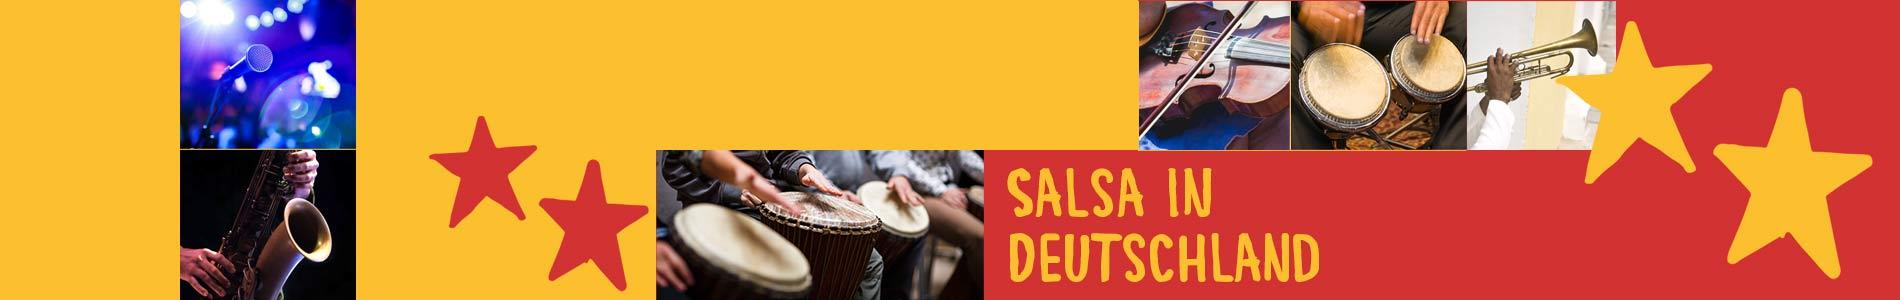 Salsa in Dannewerk – Salsa lernen und tanzen, Tanzkurse, Partys, Veranstaltungen